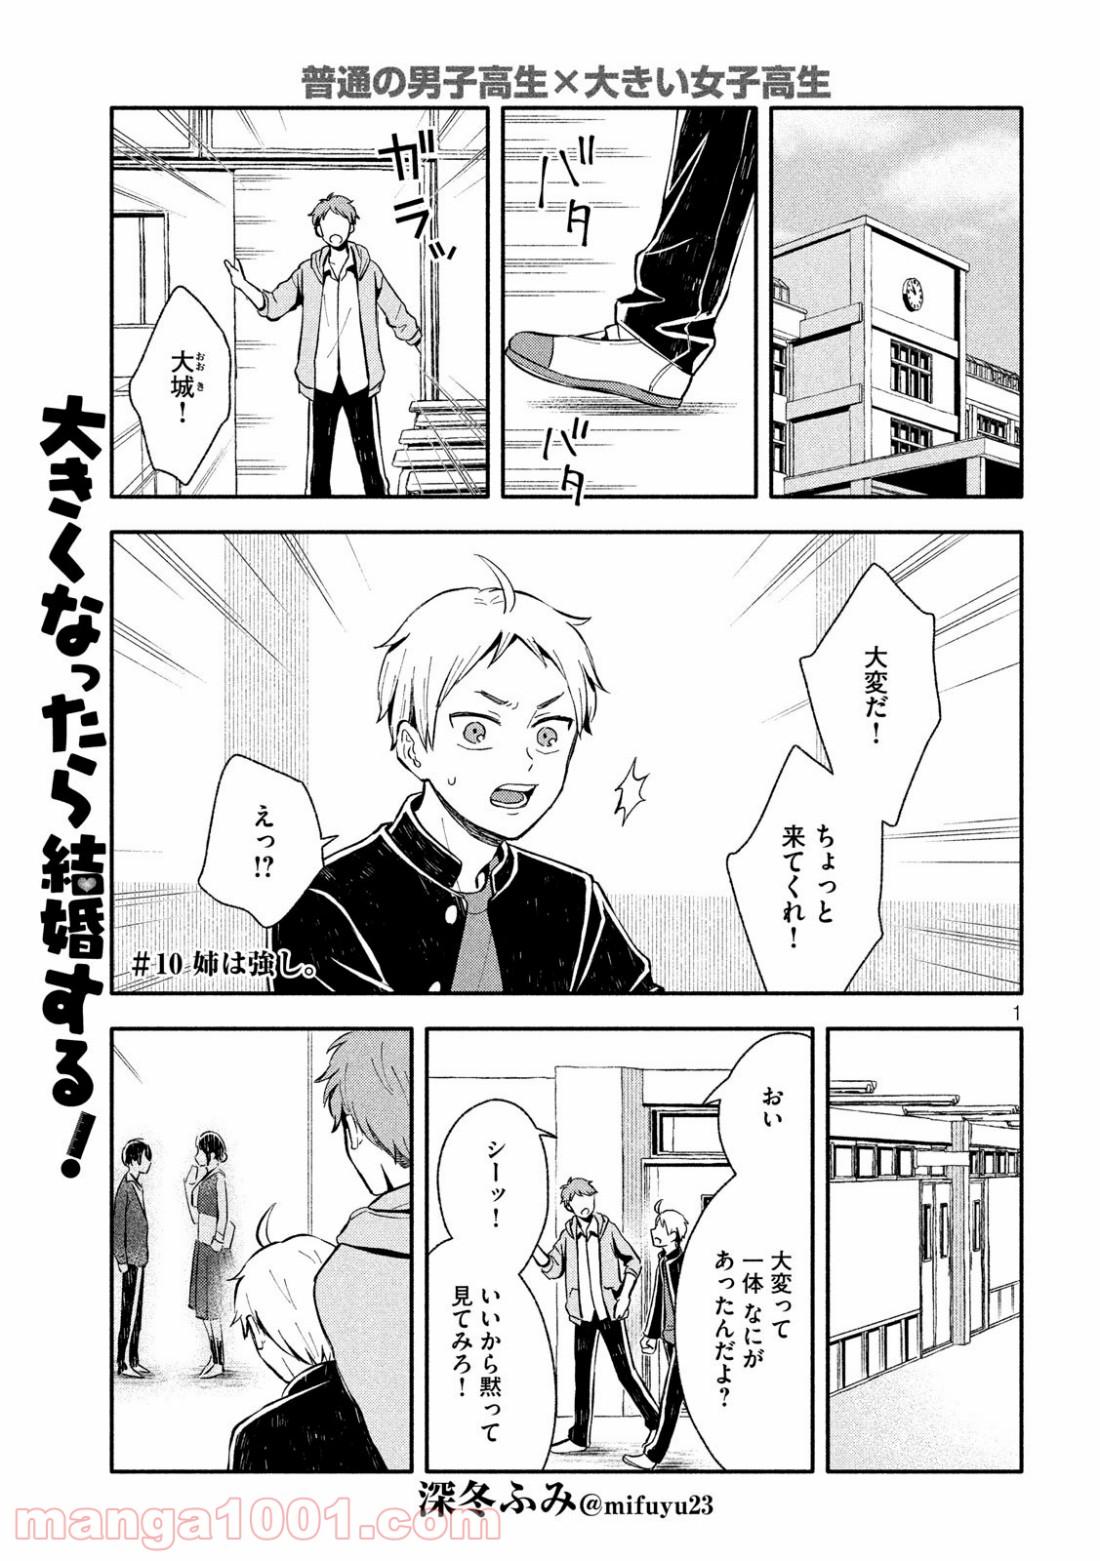 大きくなったら結婚する! - Raw 【第10話】 - Manga1001.com